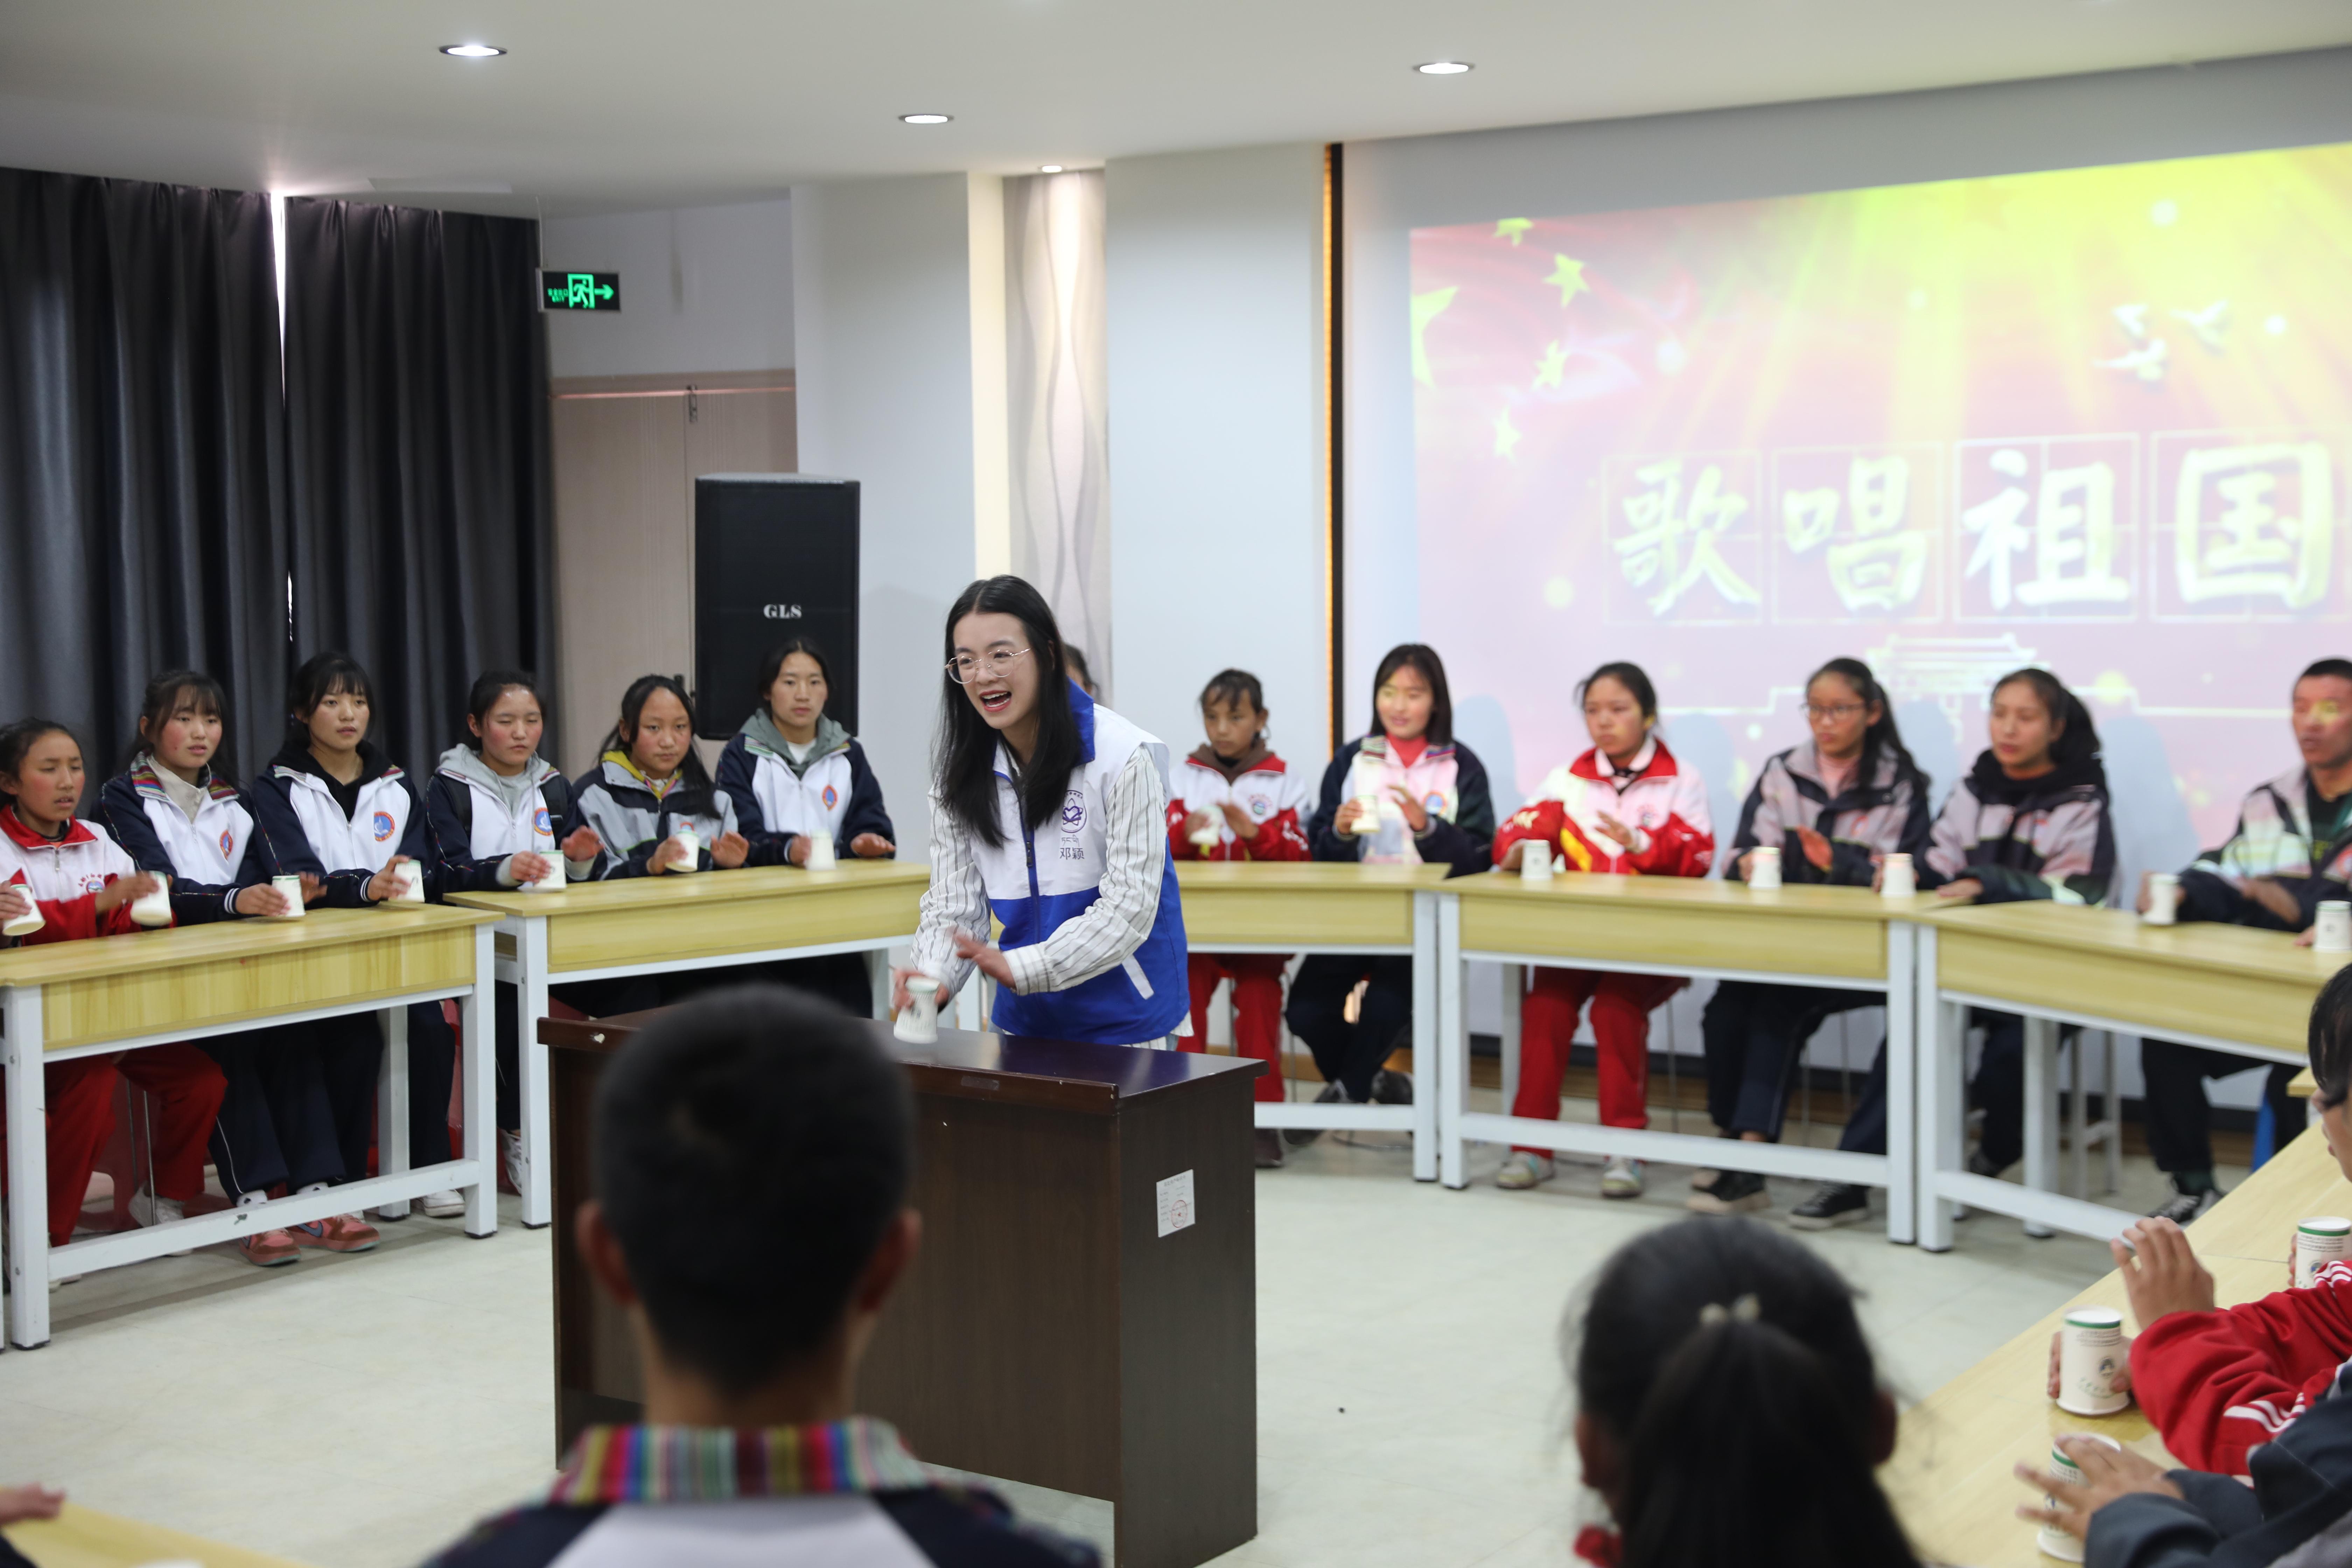 志愿者為同學們做示范.JPG